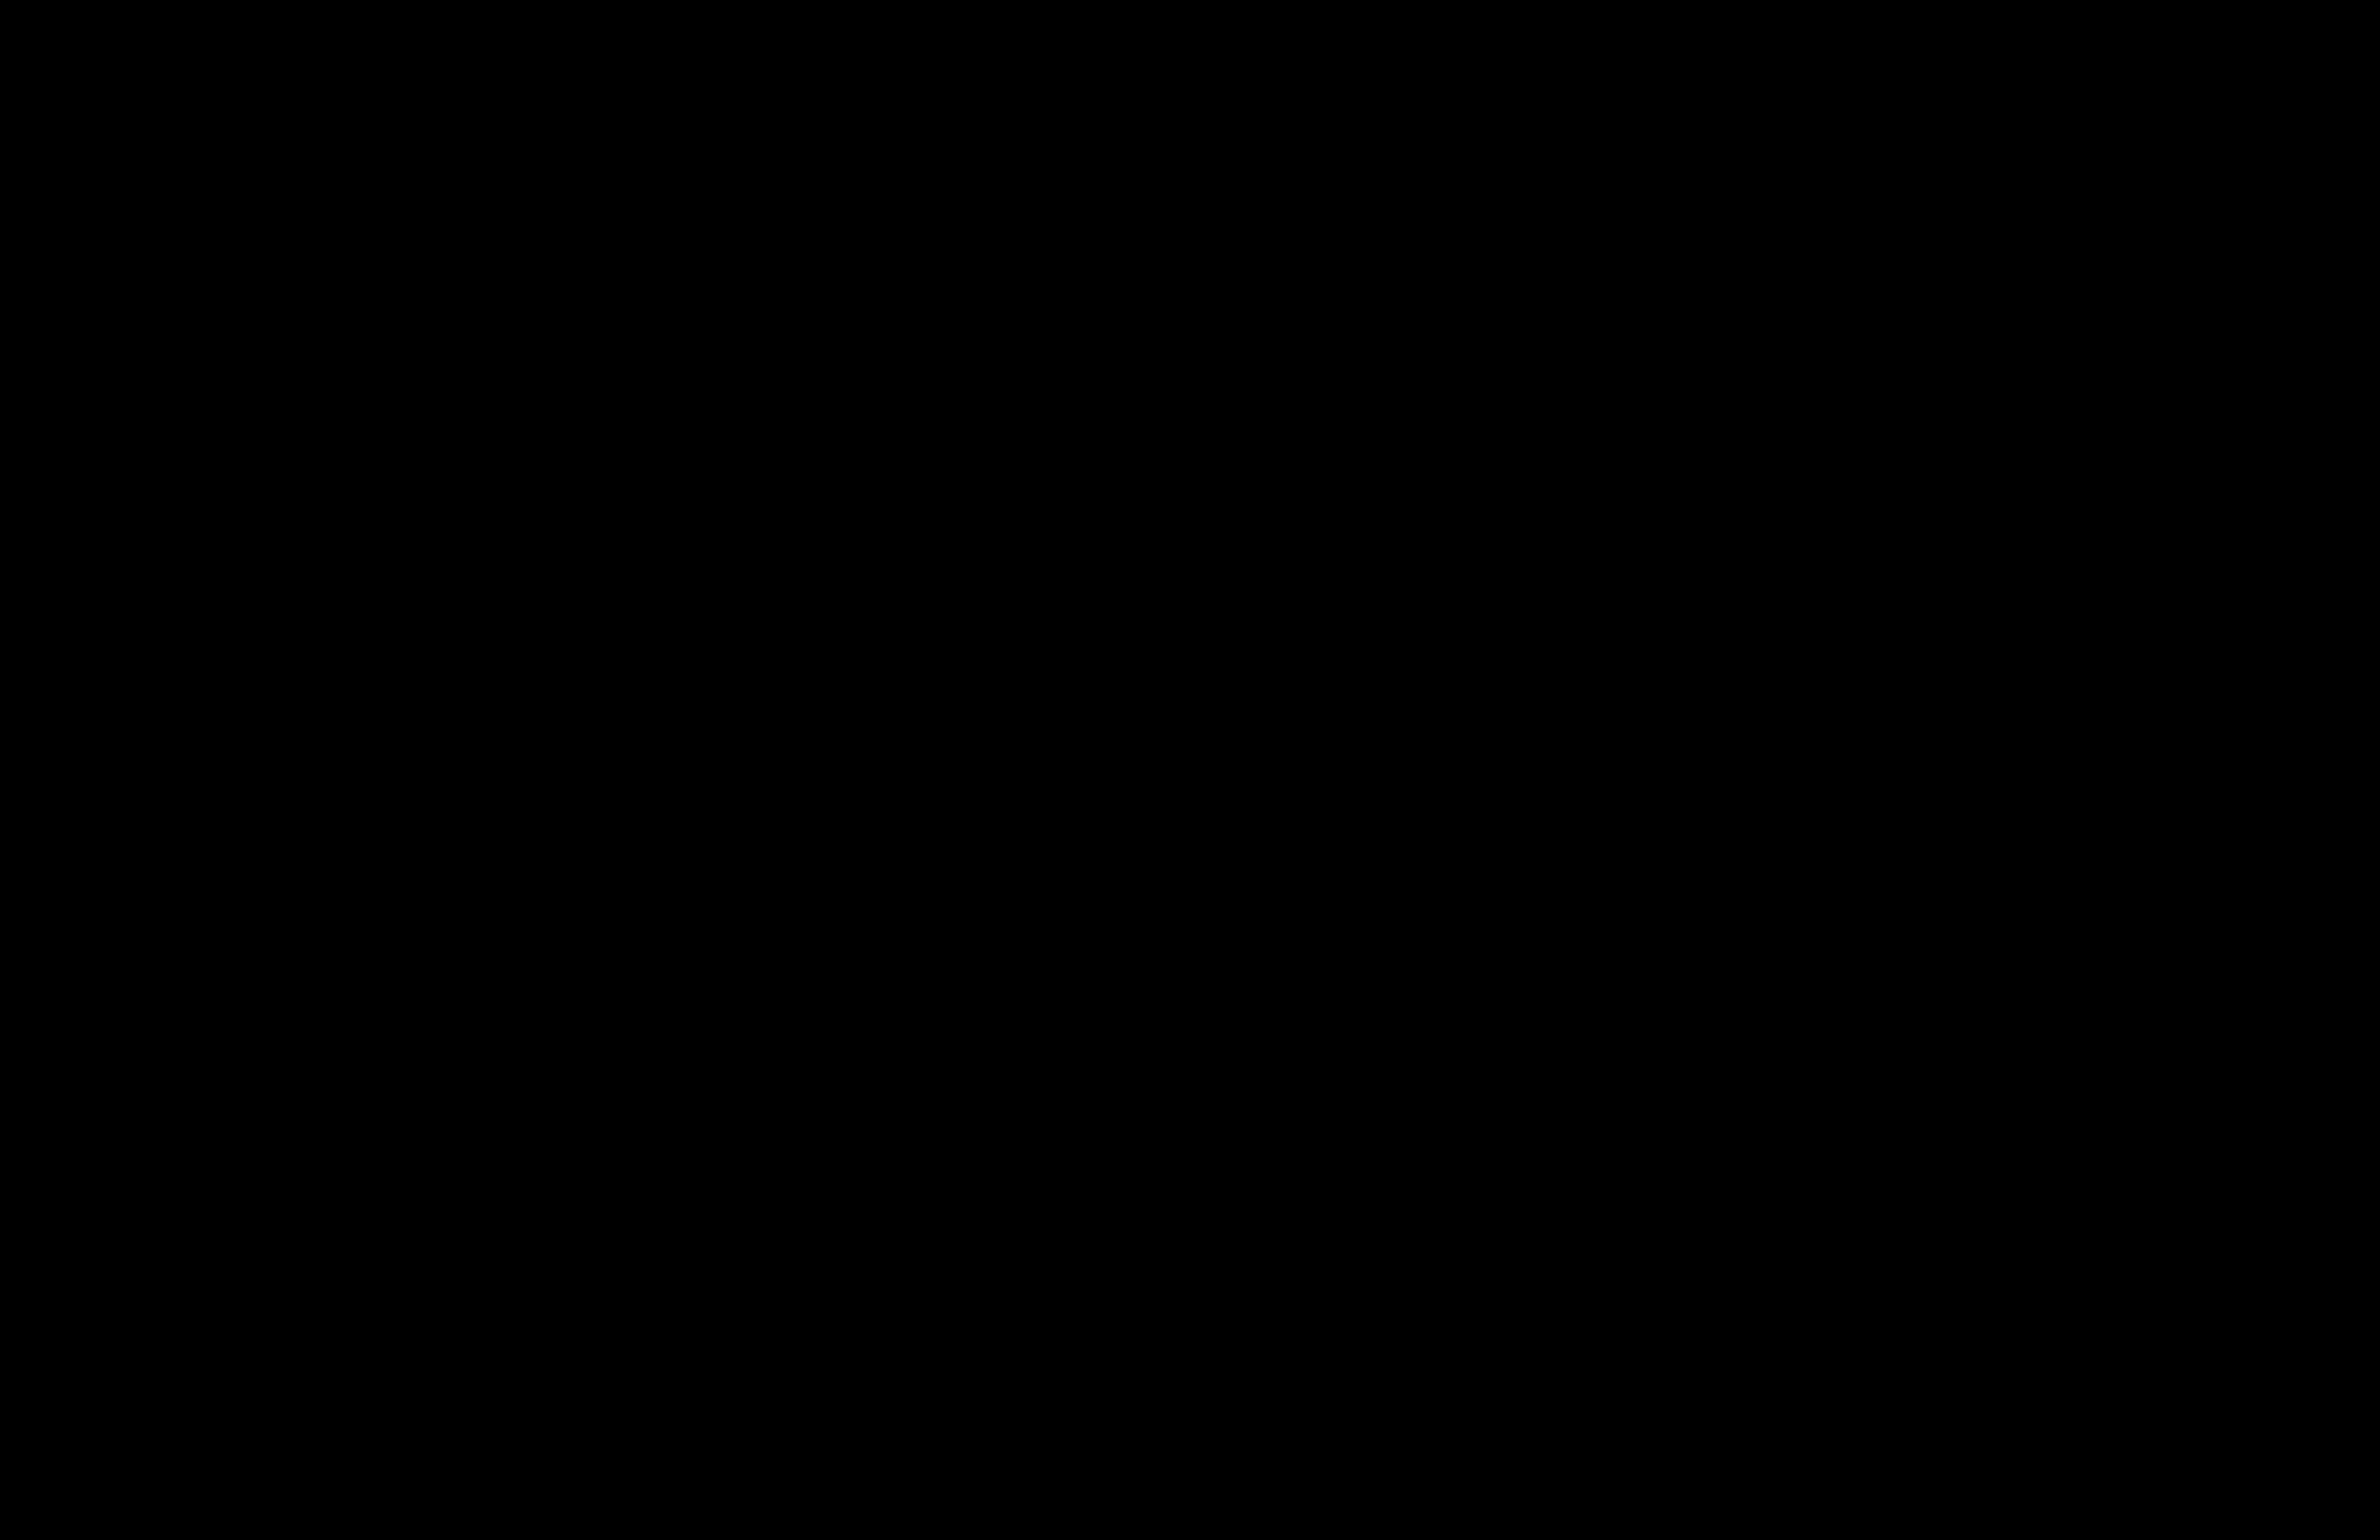 [DIAGRAM_4FR]  DV_1815] 1971 Datsun 240Z Wiring Diagram Click For Larger Image Schematic  Wiring | 240z V8 Wiring Diagram |  | Teria Benkeme Mohammedshrine Librar Wiring 101